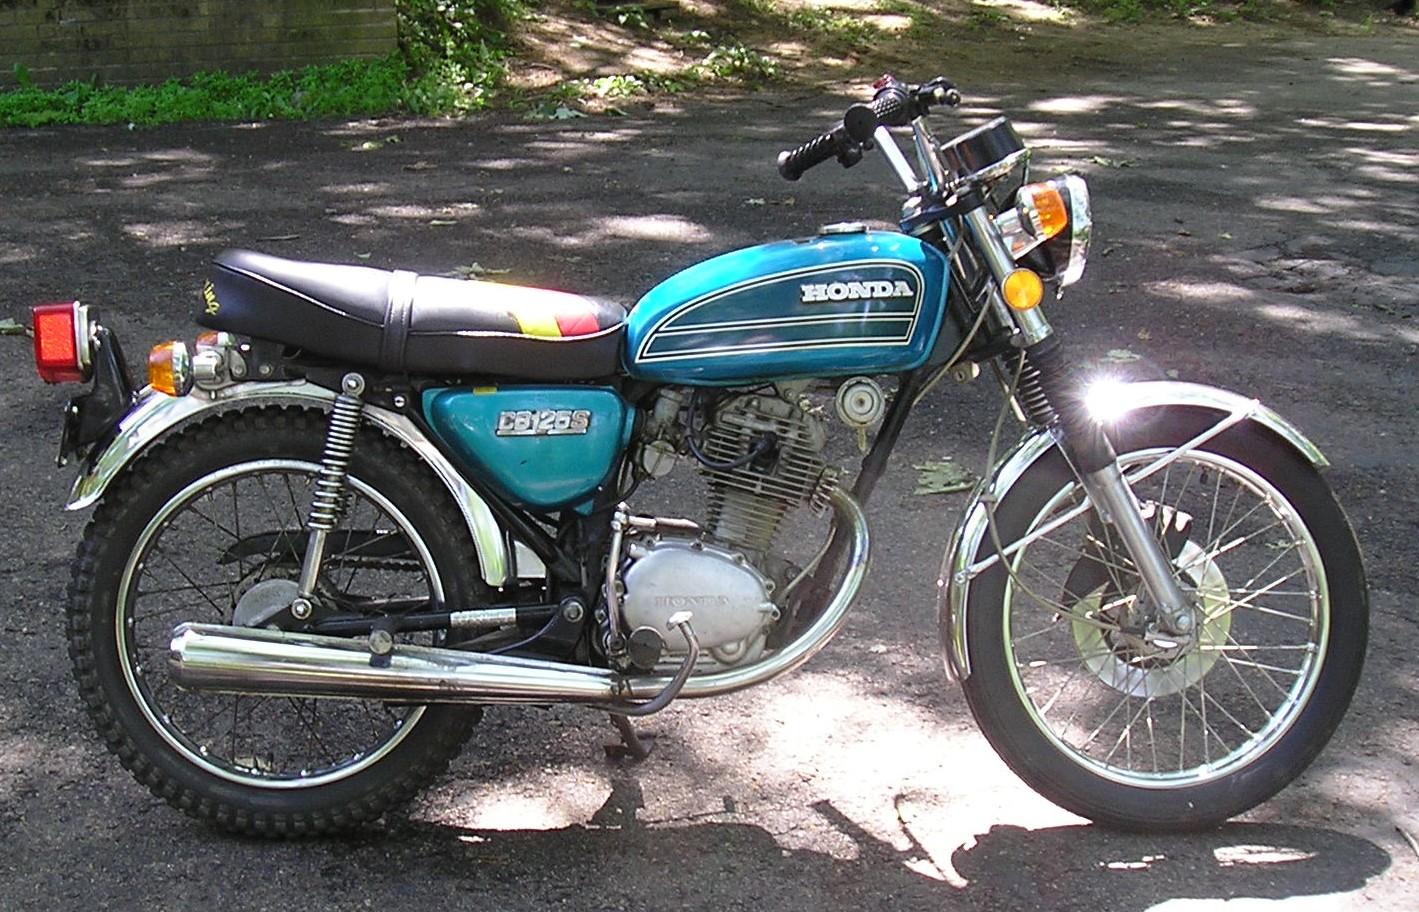 honda cb 125 specs - 1981  1982